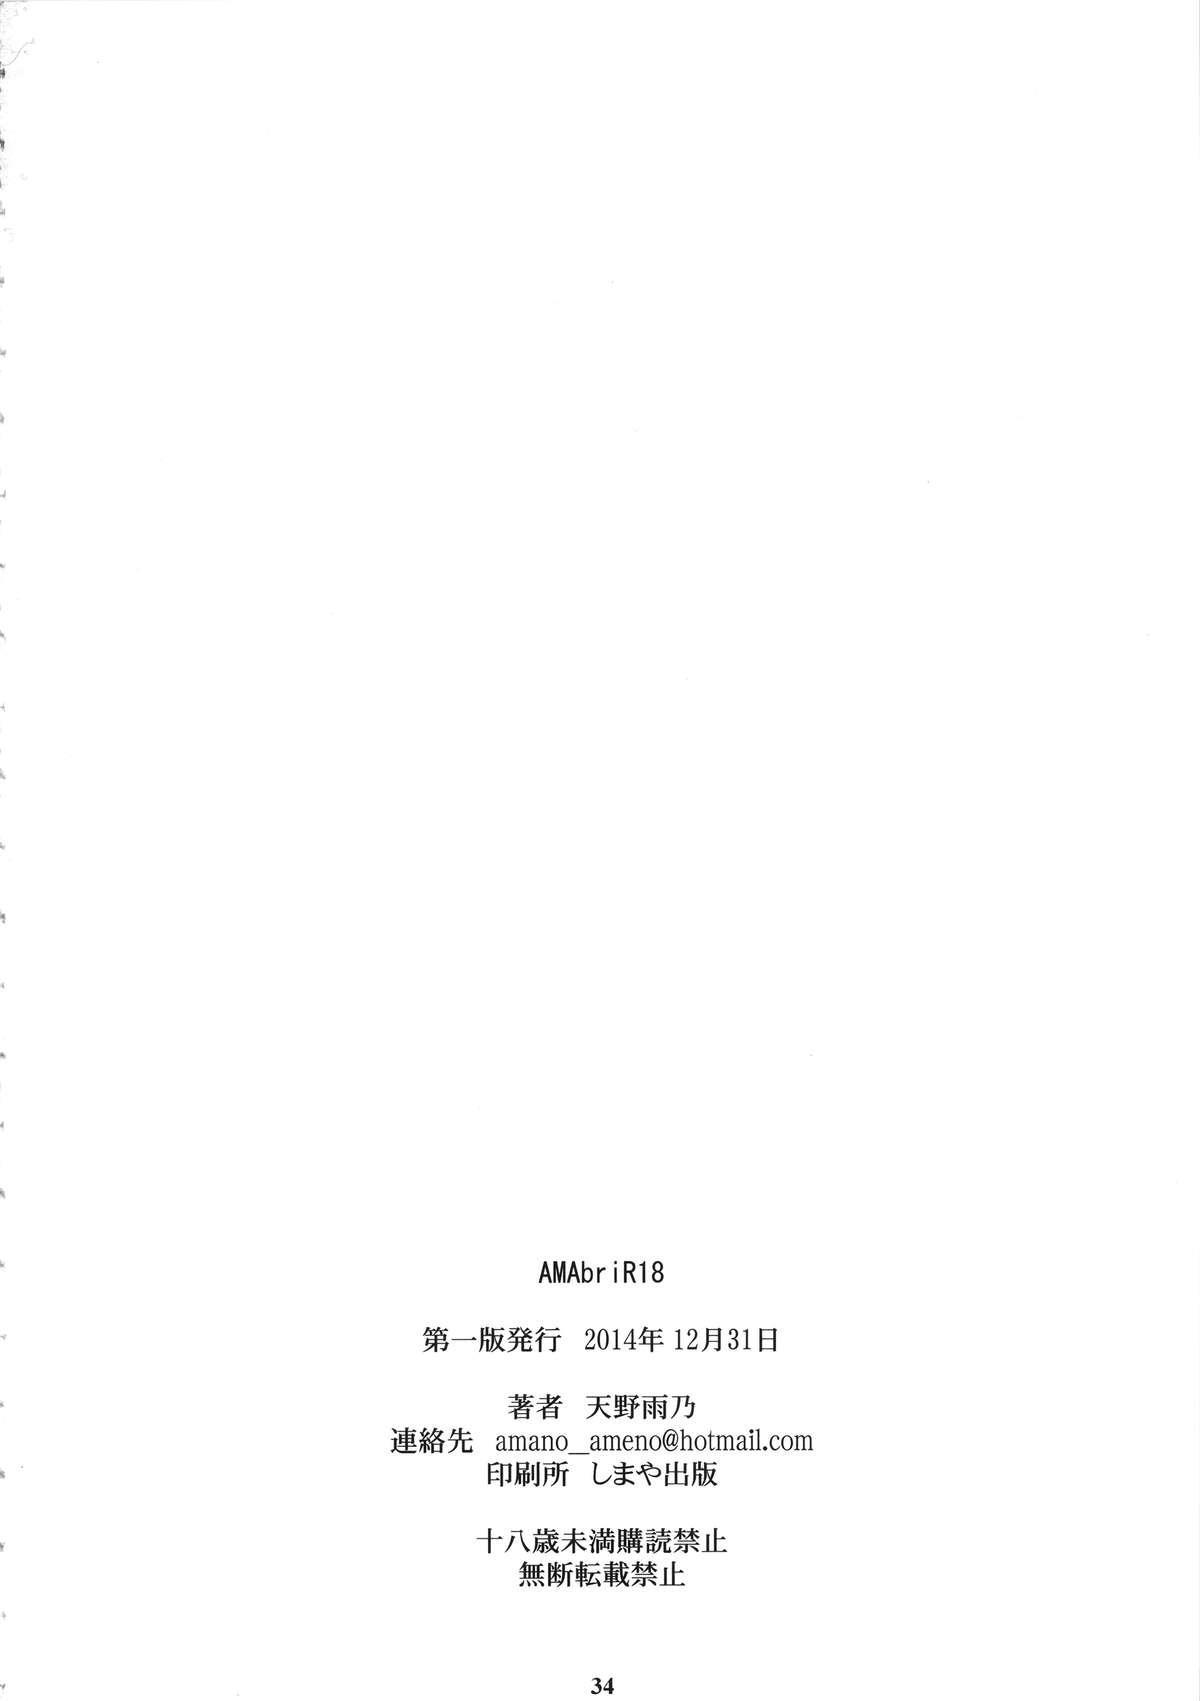 AMAbriR18 32